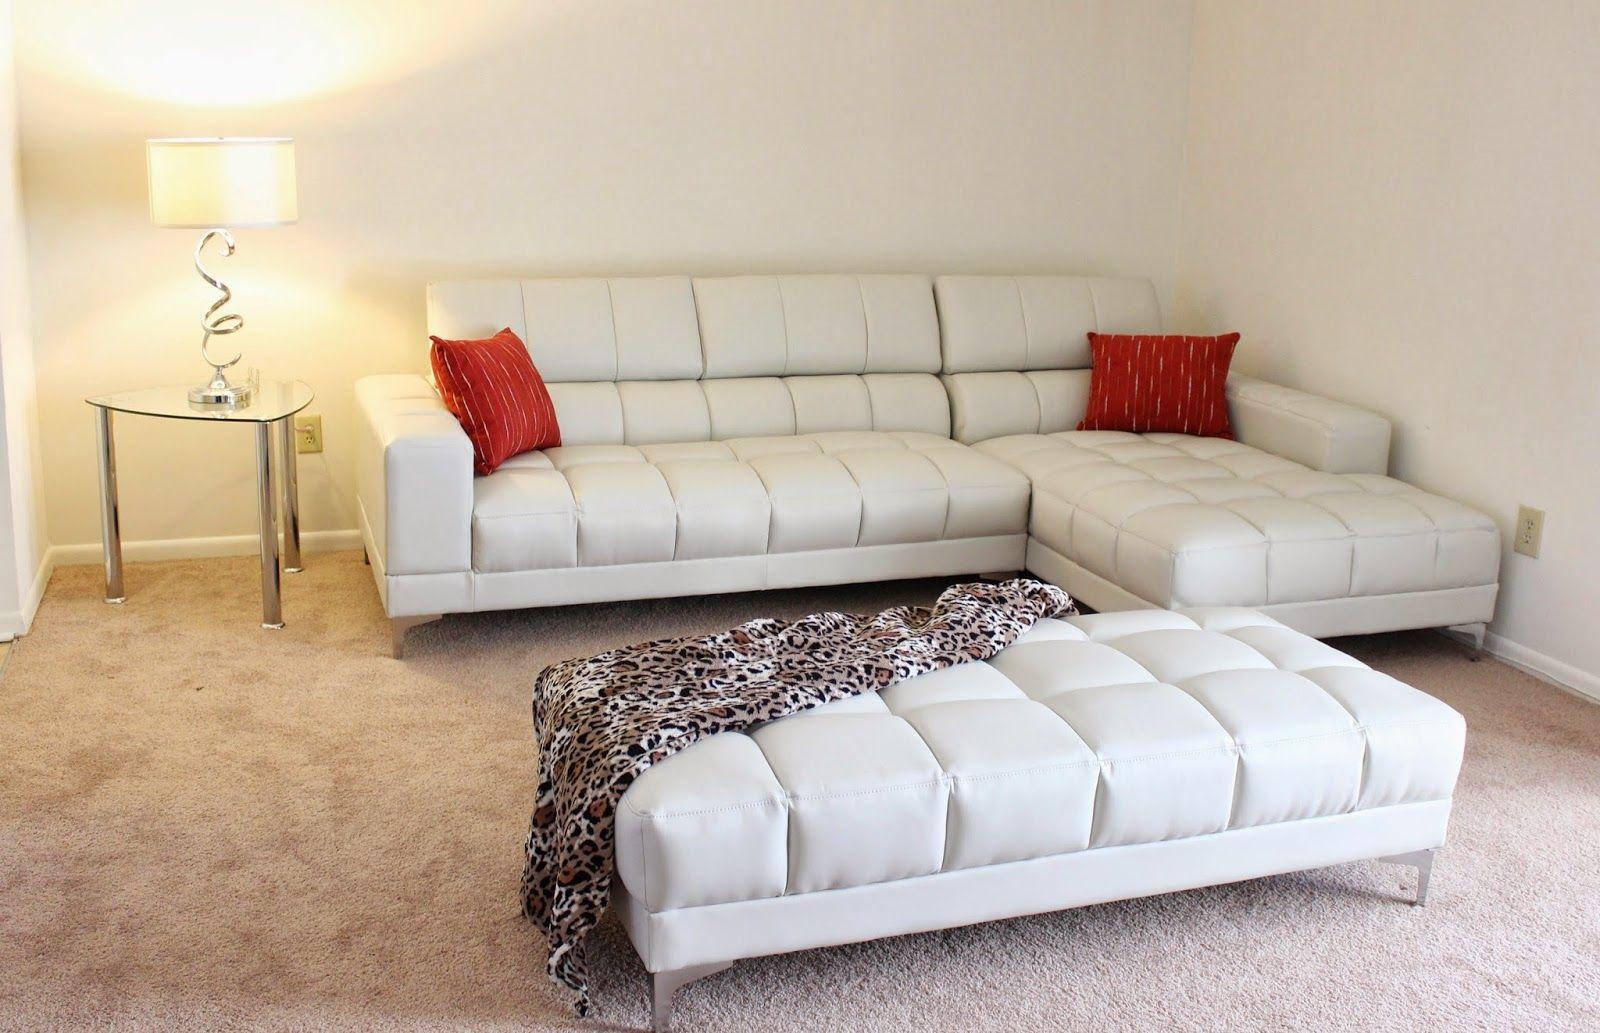 with favorite paris pictures set furniture sofa dining monaco sofia bedroom interior room vergara